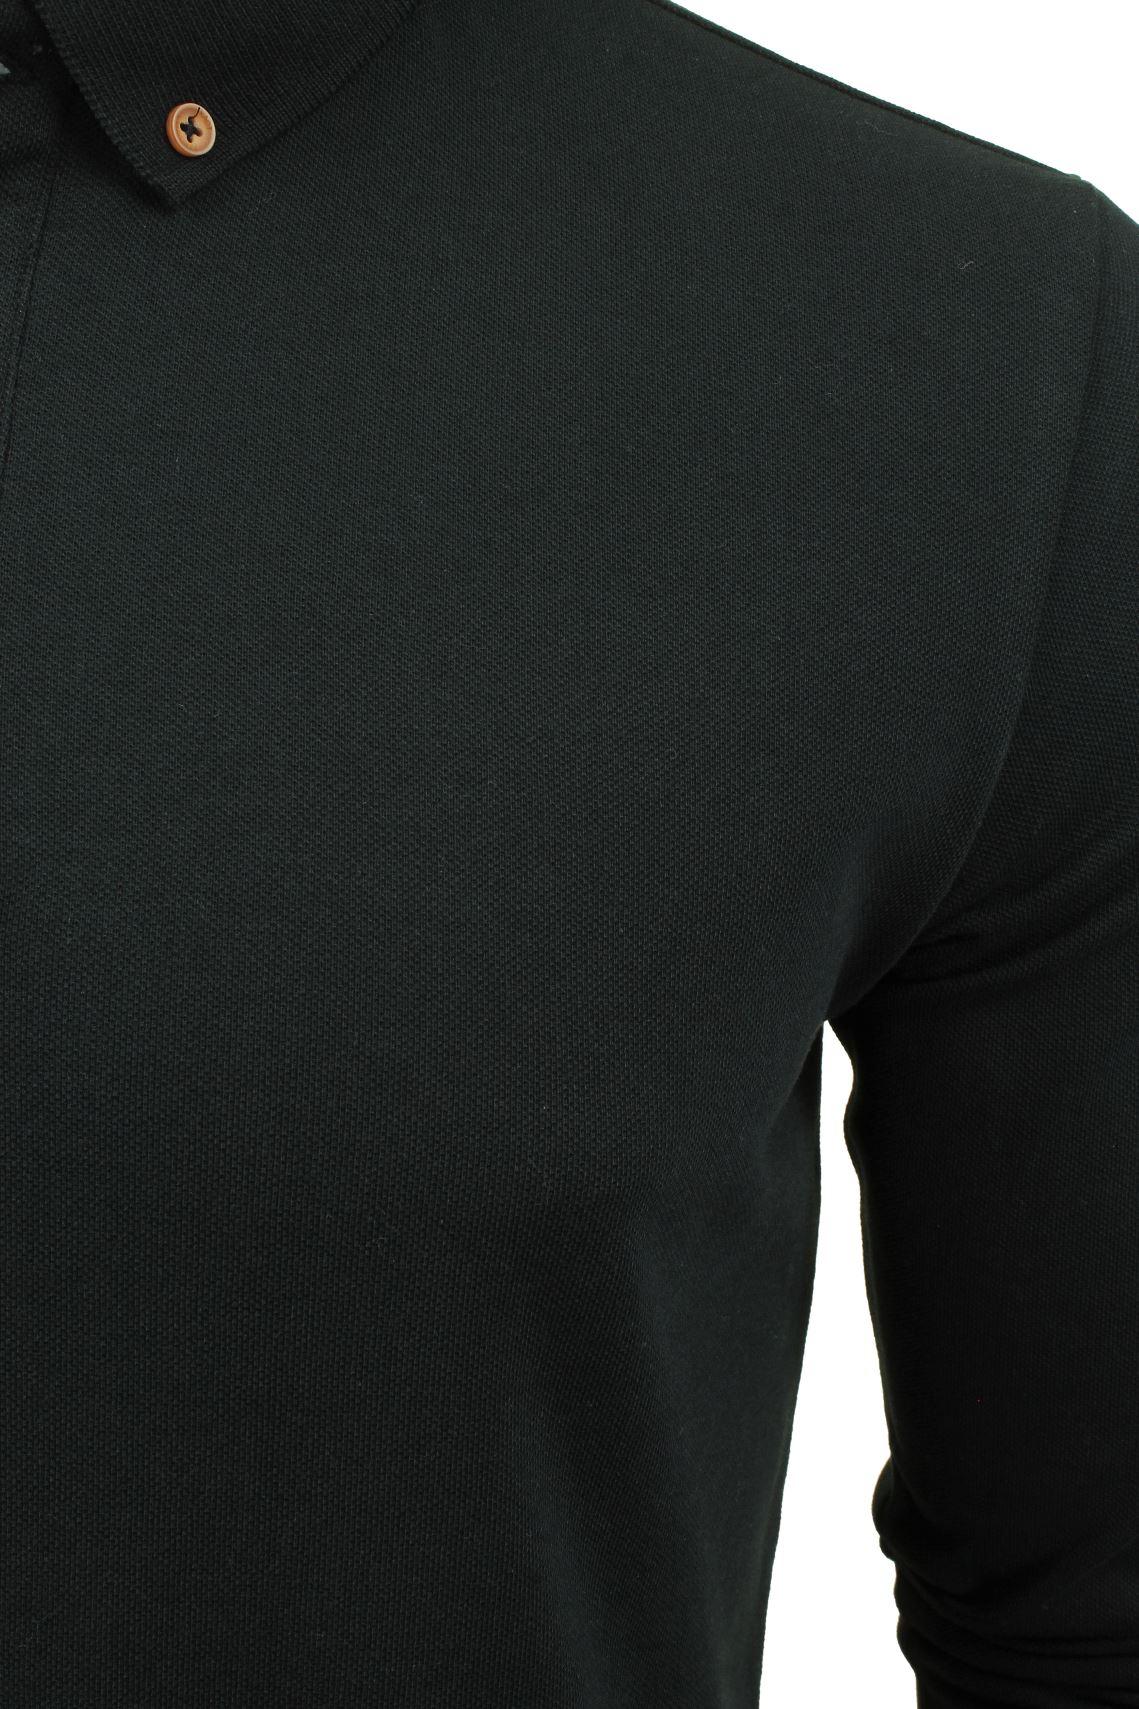 Camiseta-Polo-Para-Hombre-Por-Xact-pique-de-manga-larga miniatura 4